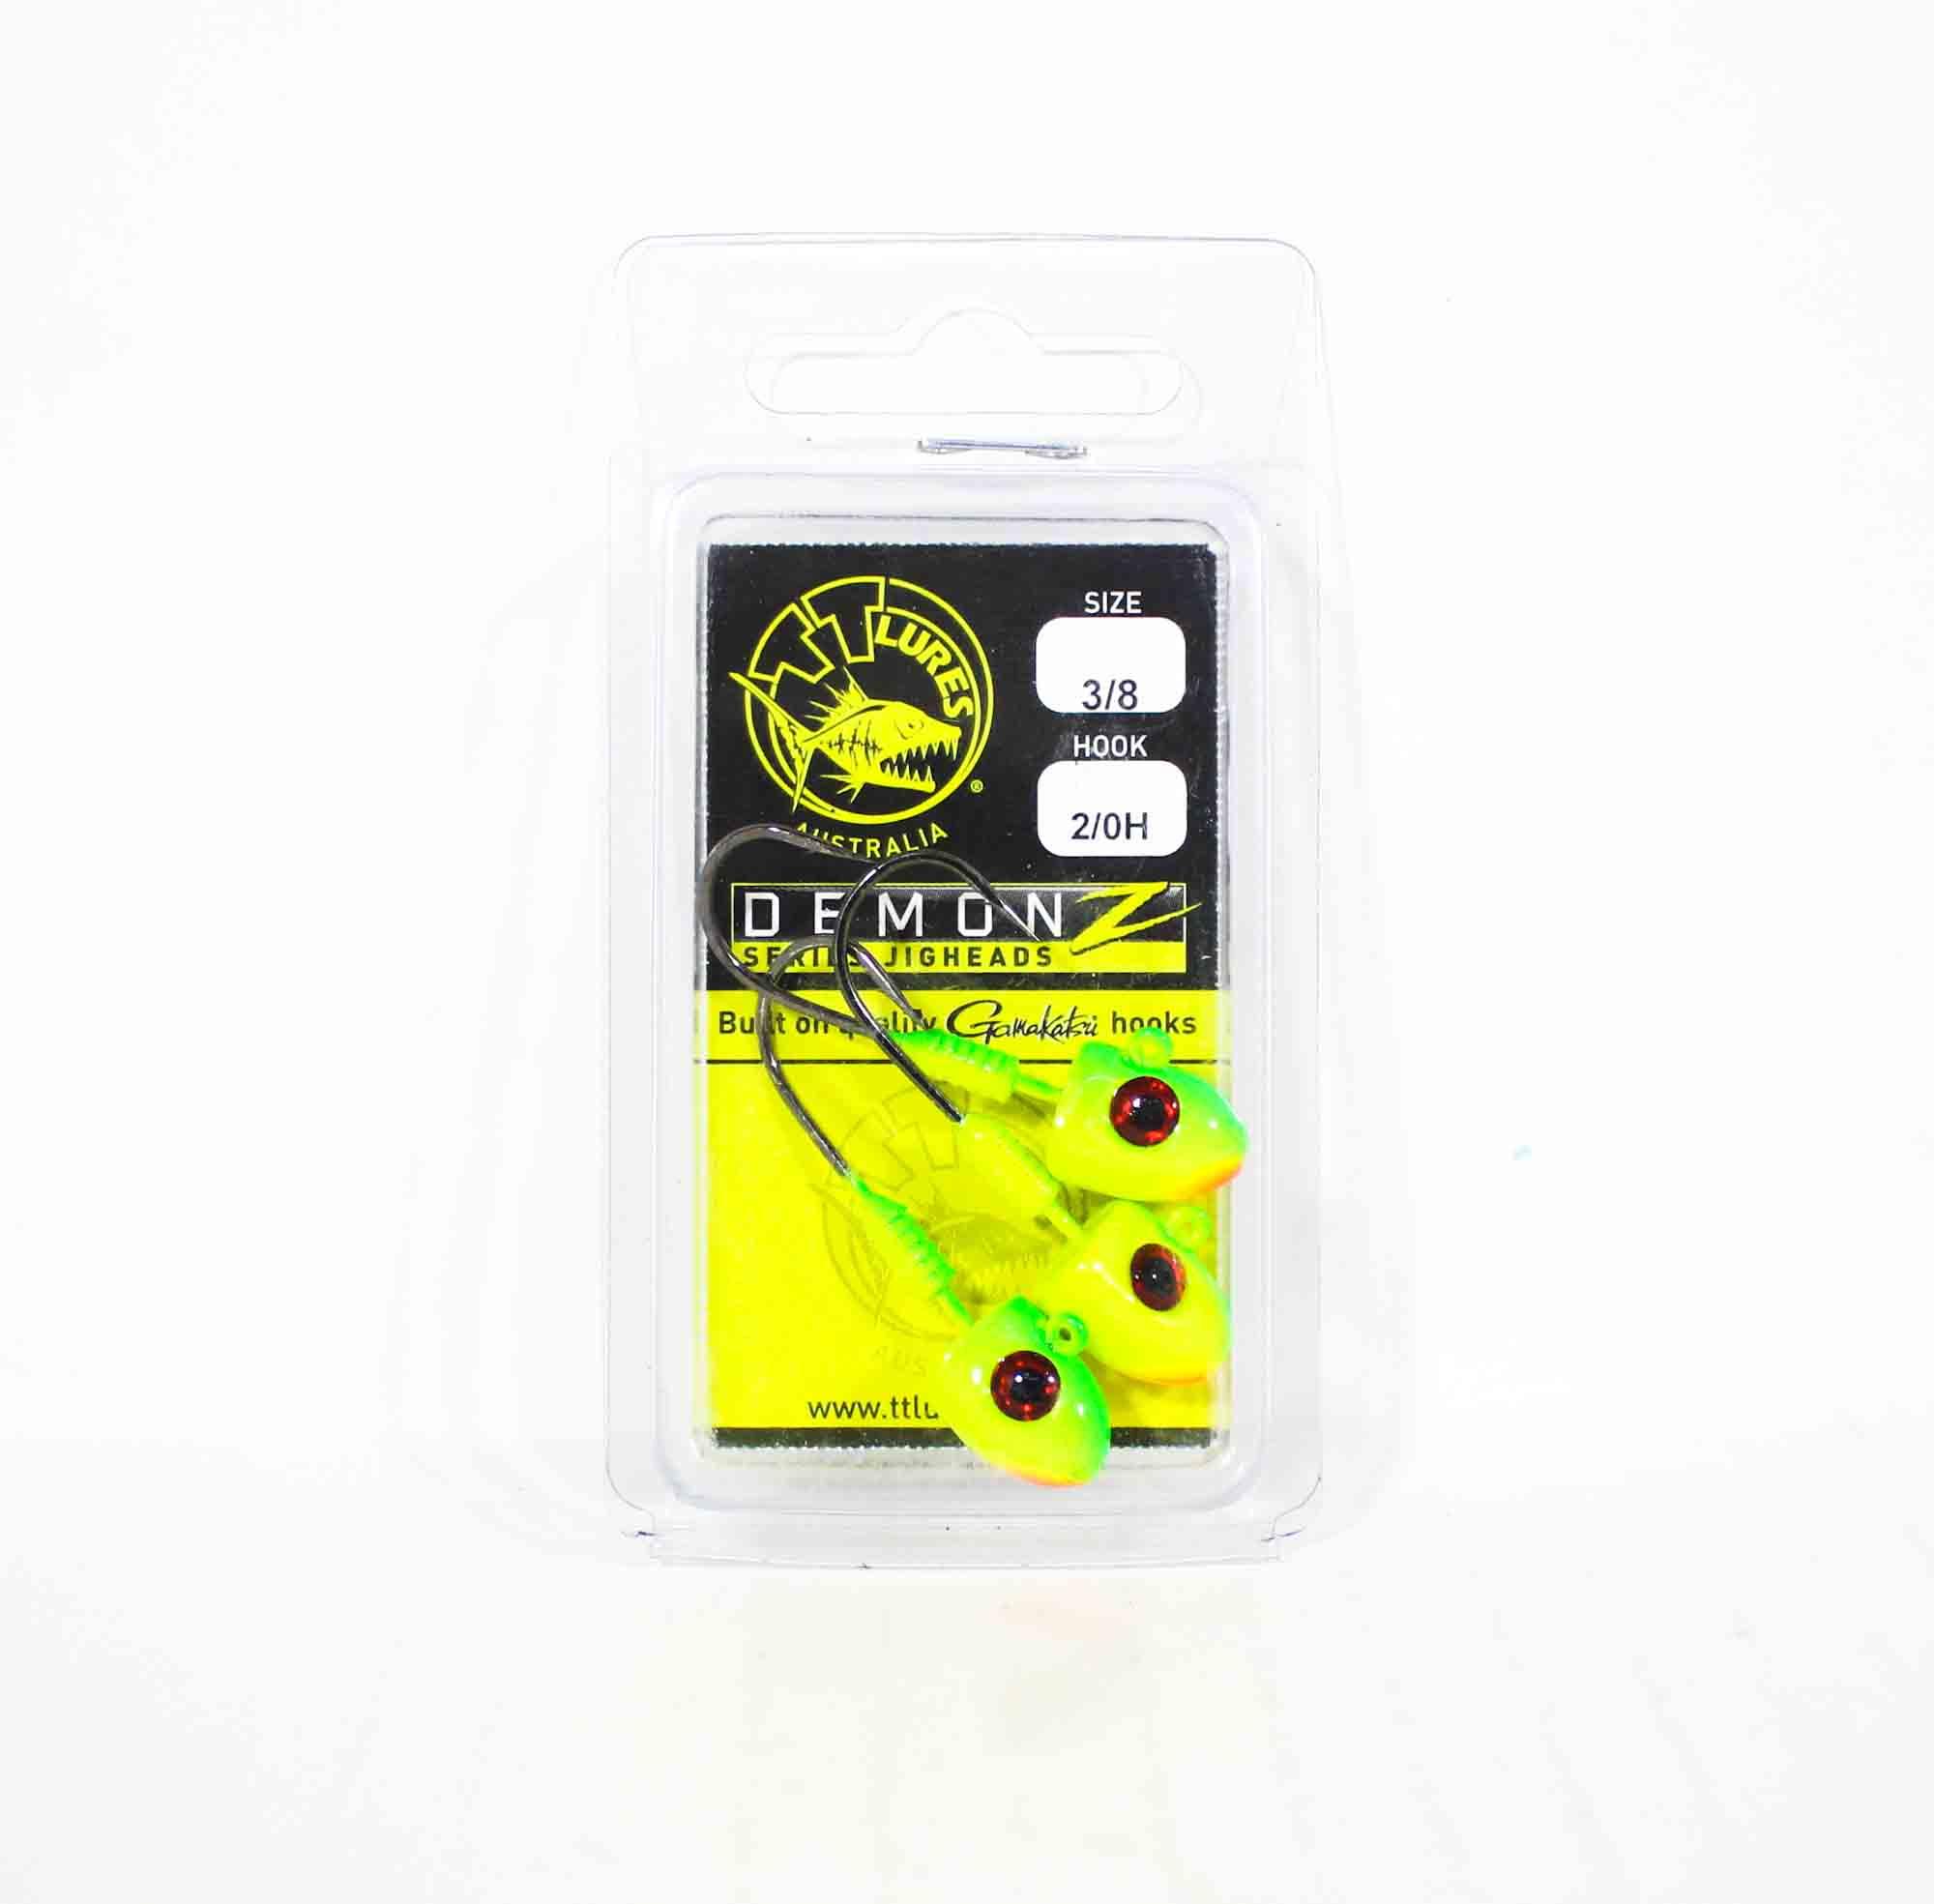 Tackle Tactics TT Demonz Jig Head 3/8oz 2/0H 3 per pack Chartreuse (7150)